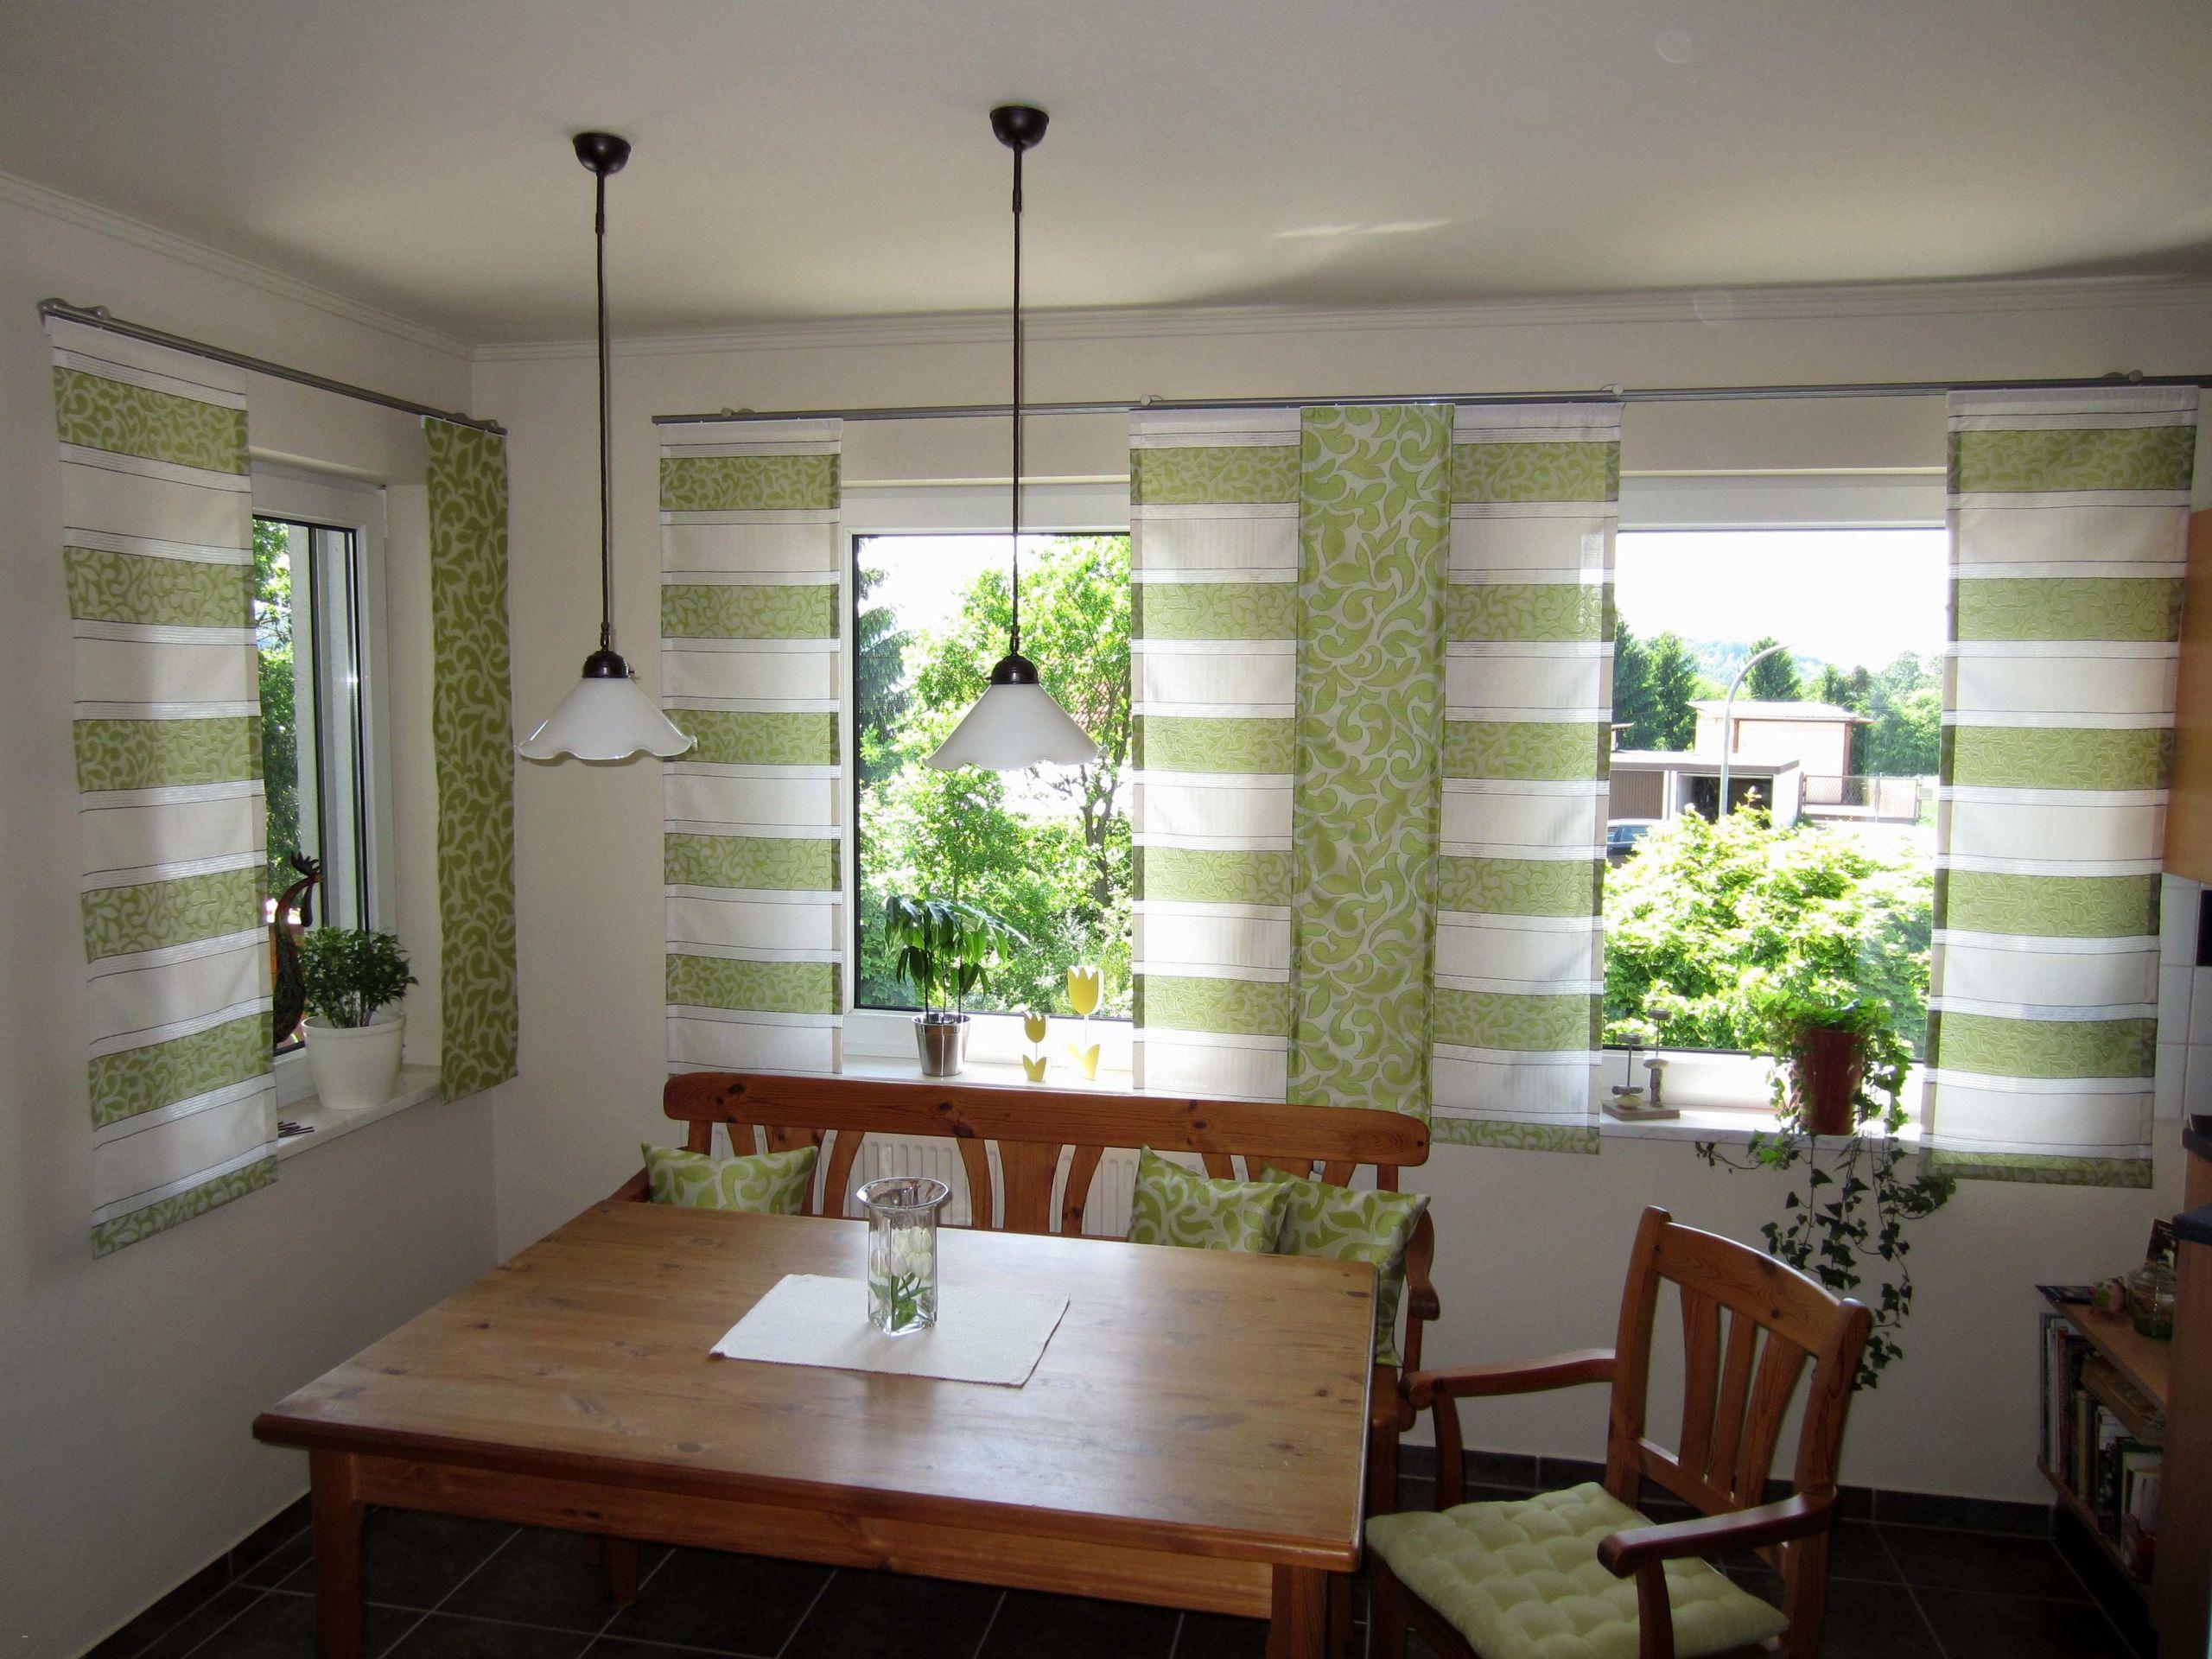 Balkon Dekorieren Genial 50 Luxus Von Wanddekoration Selber Machen Design